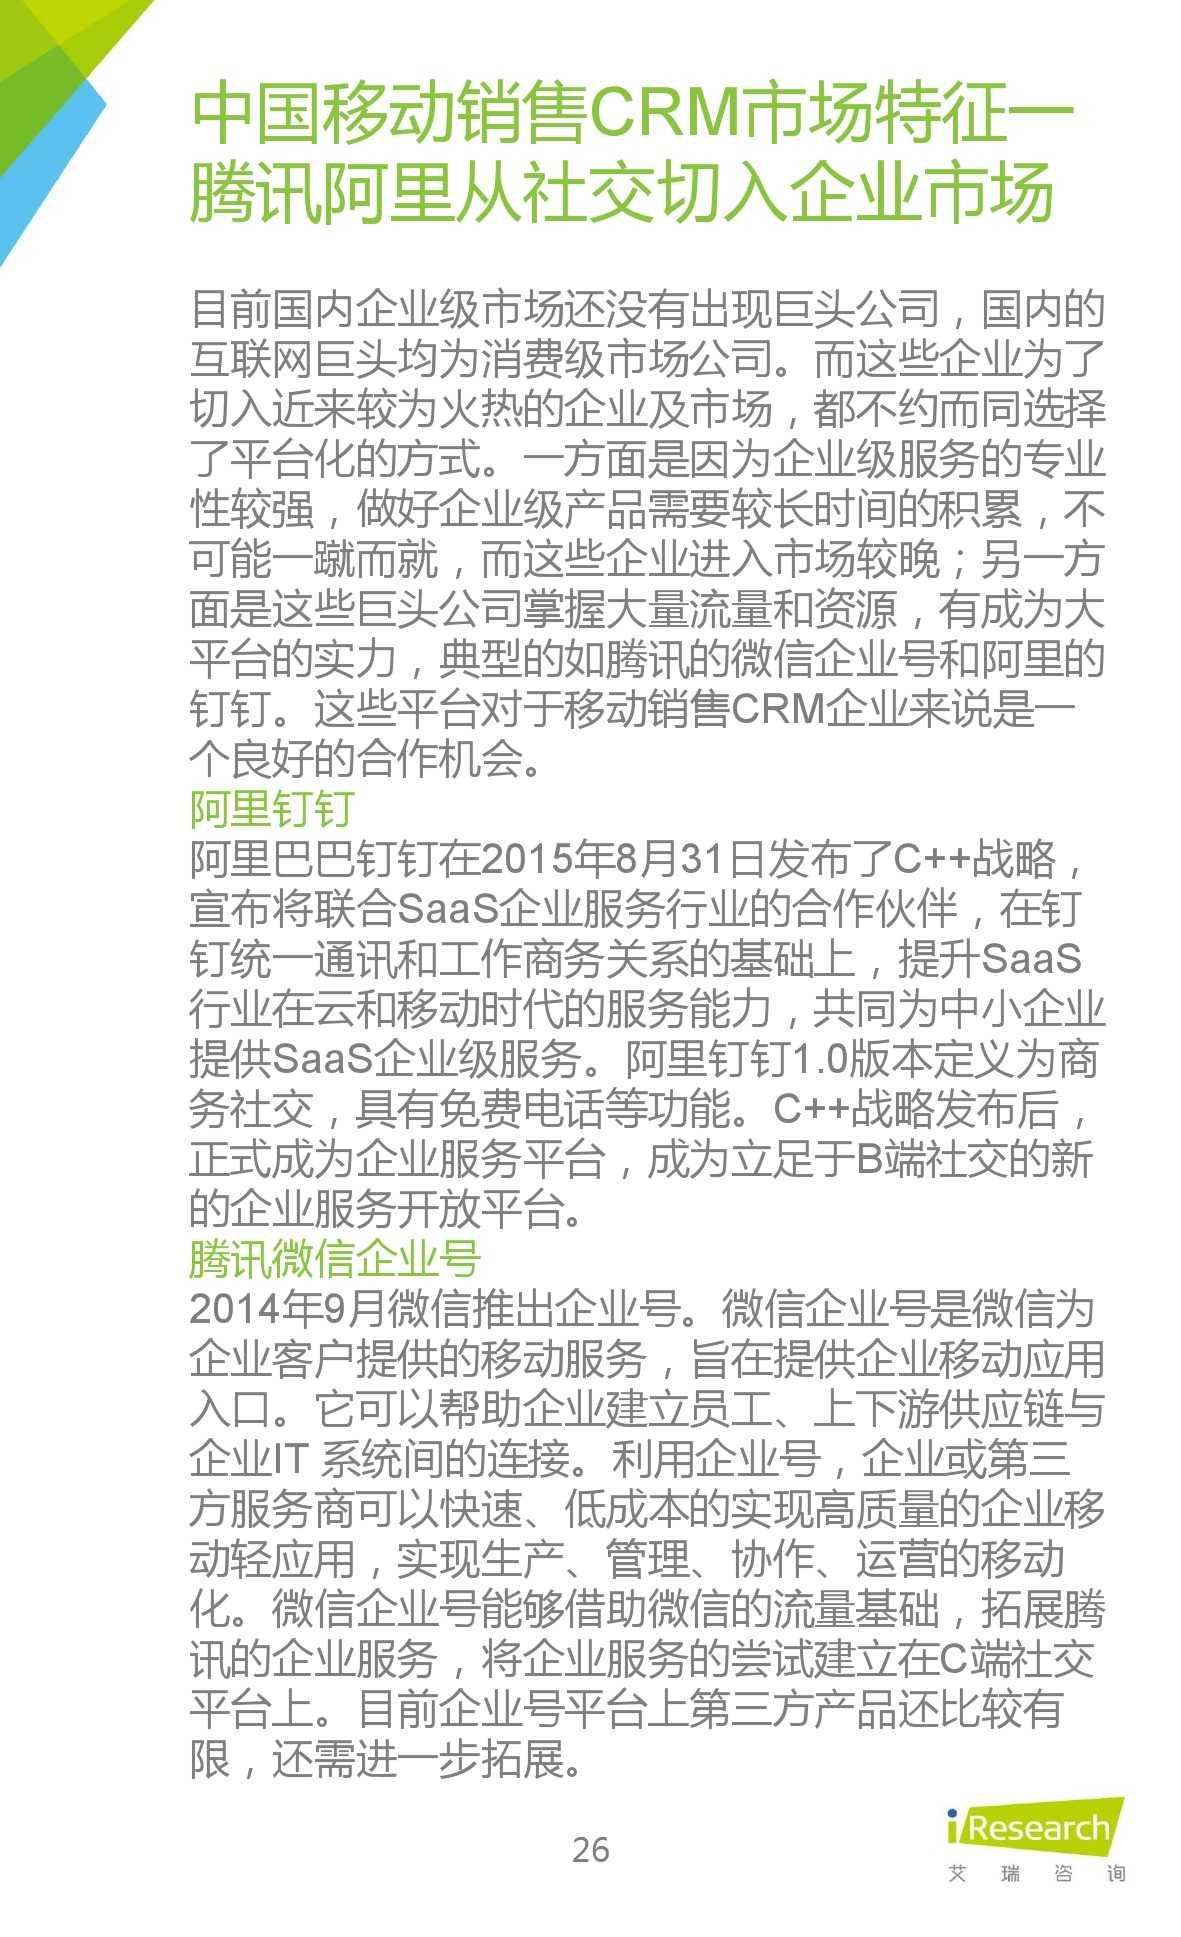 2015年中国移动销售CRM行业研究报告_000026